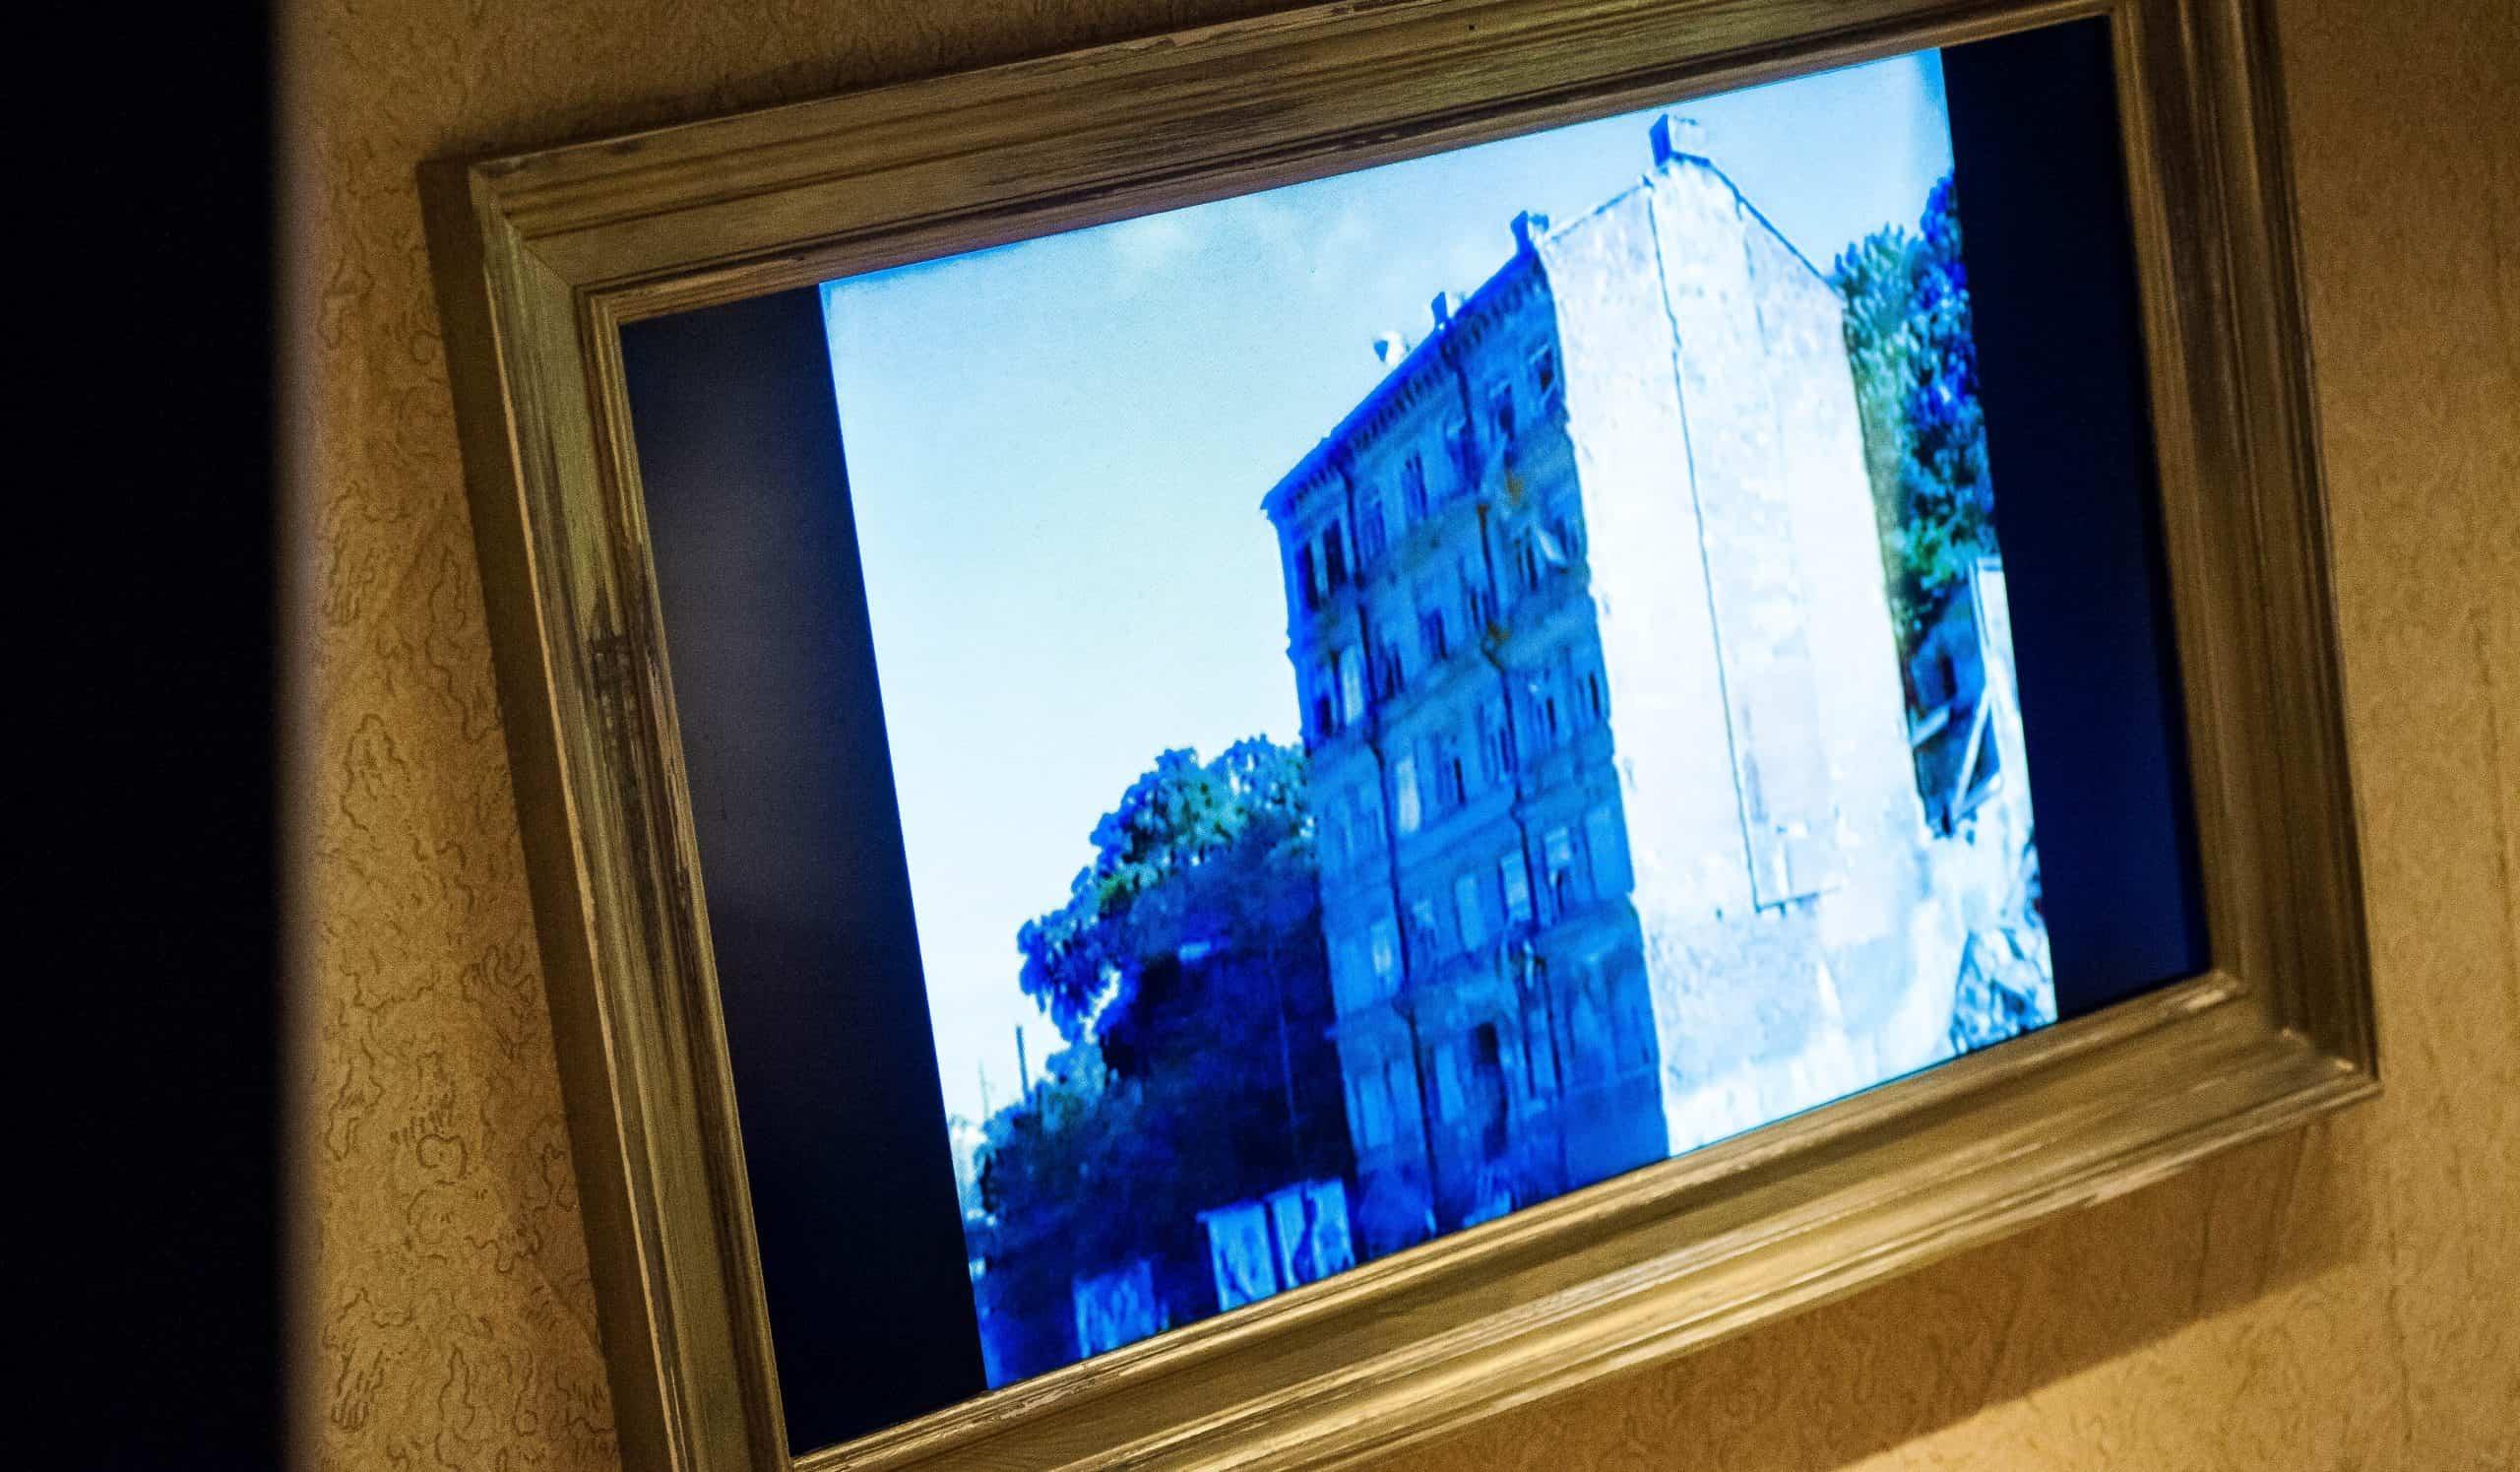 Apropå husockupationen på Folkungagatan på Södermalm på 90-talet. Fotot visar en stillbild från den film Polisen fotade vid insatsen, då man gjorde en inbrytning genom att klättra upp på en container utanför huset. Foto: Johan Svanestrand